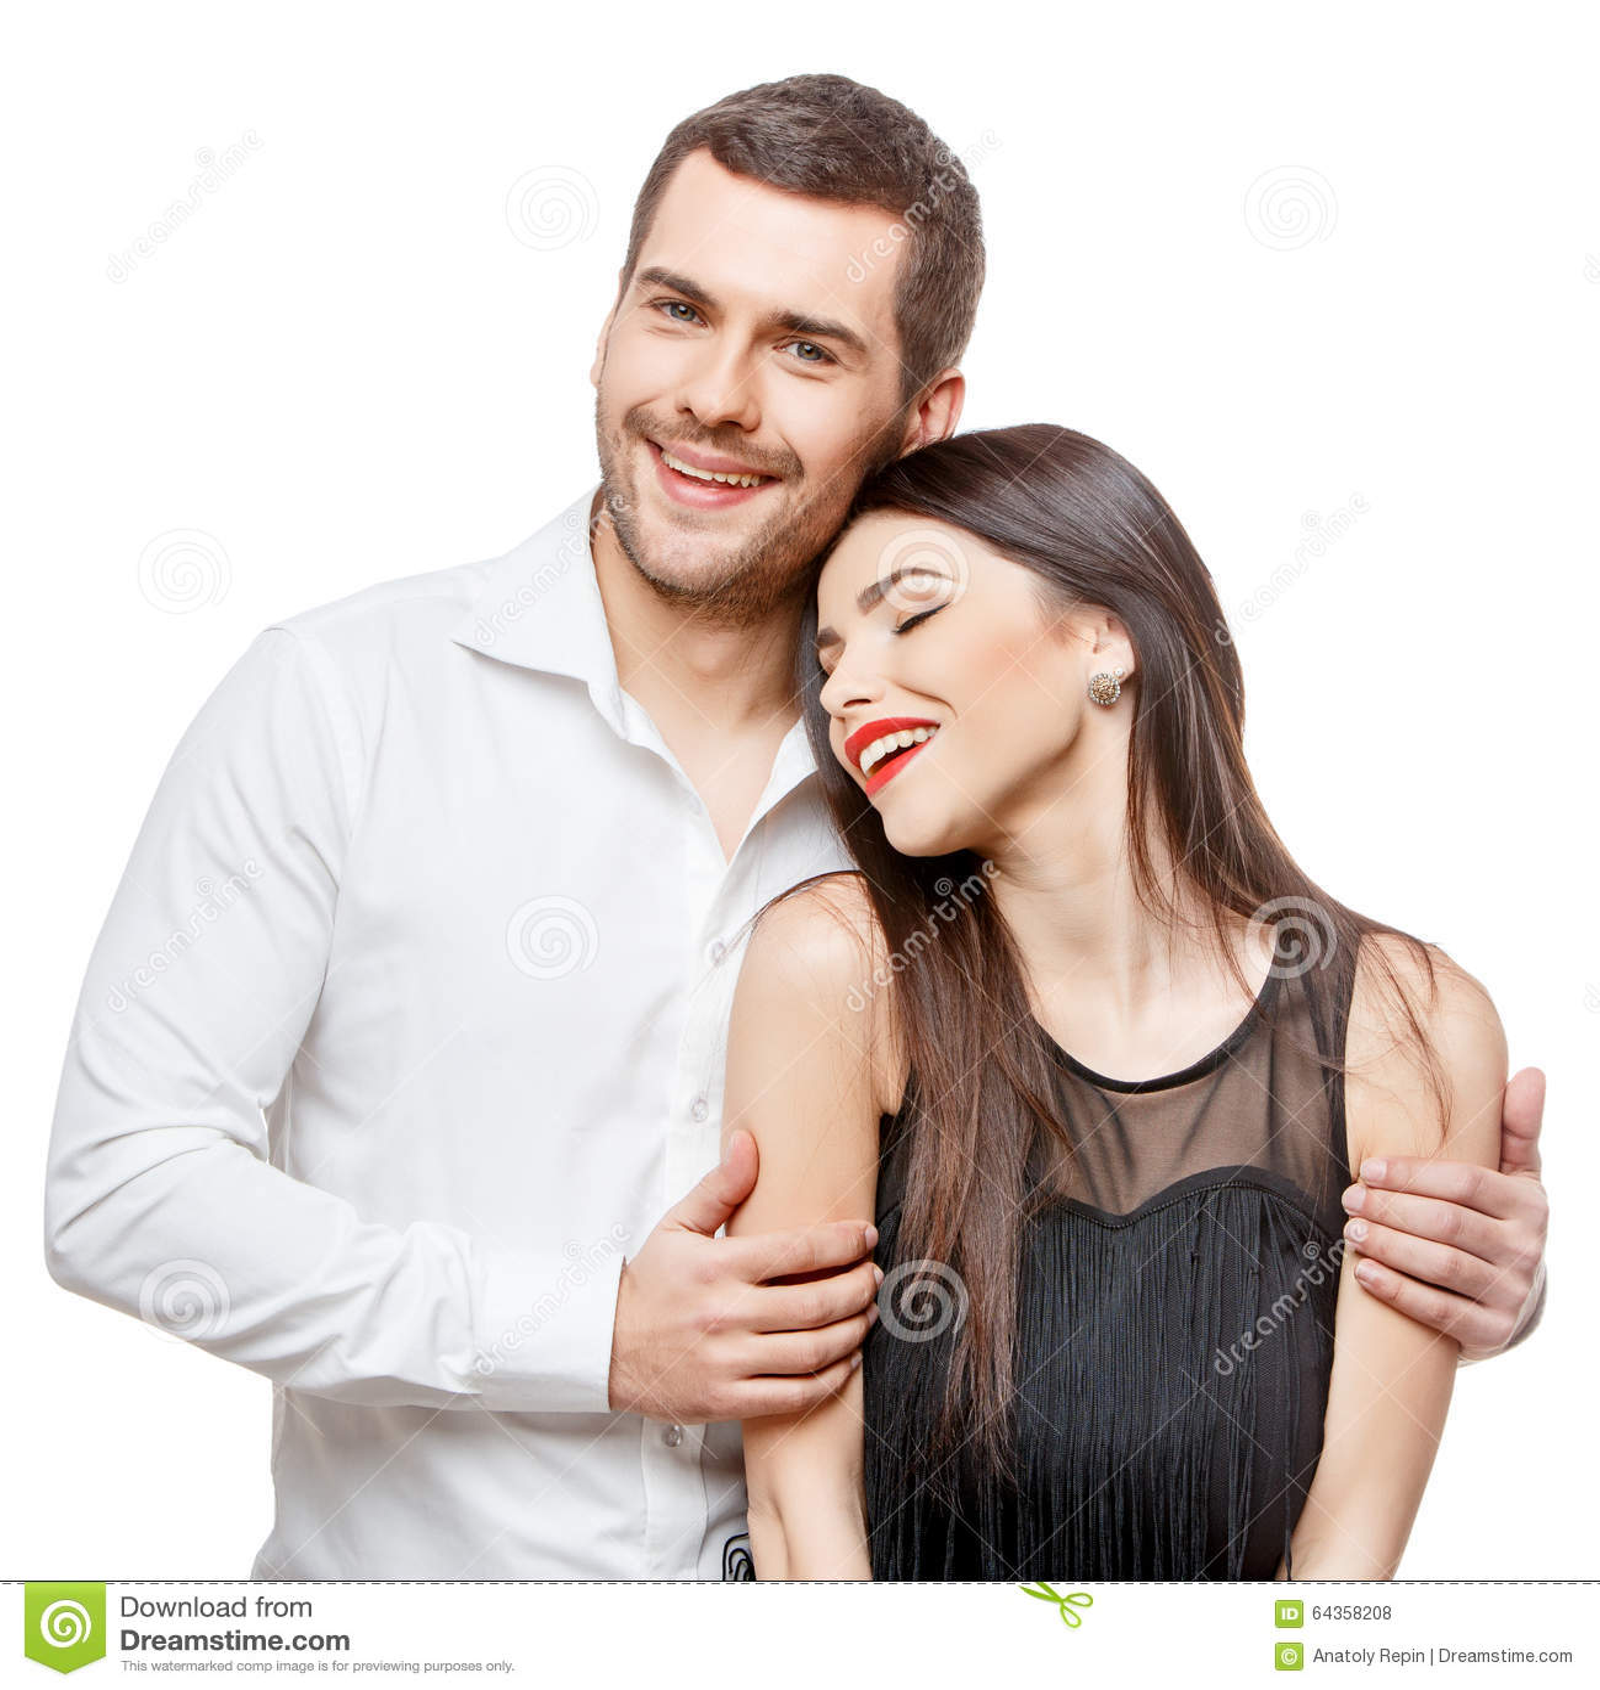 Portrait eines schönen jungen glücklichen lächelnden Paares